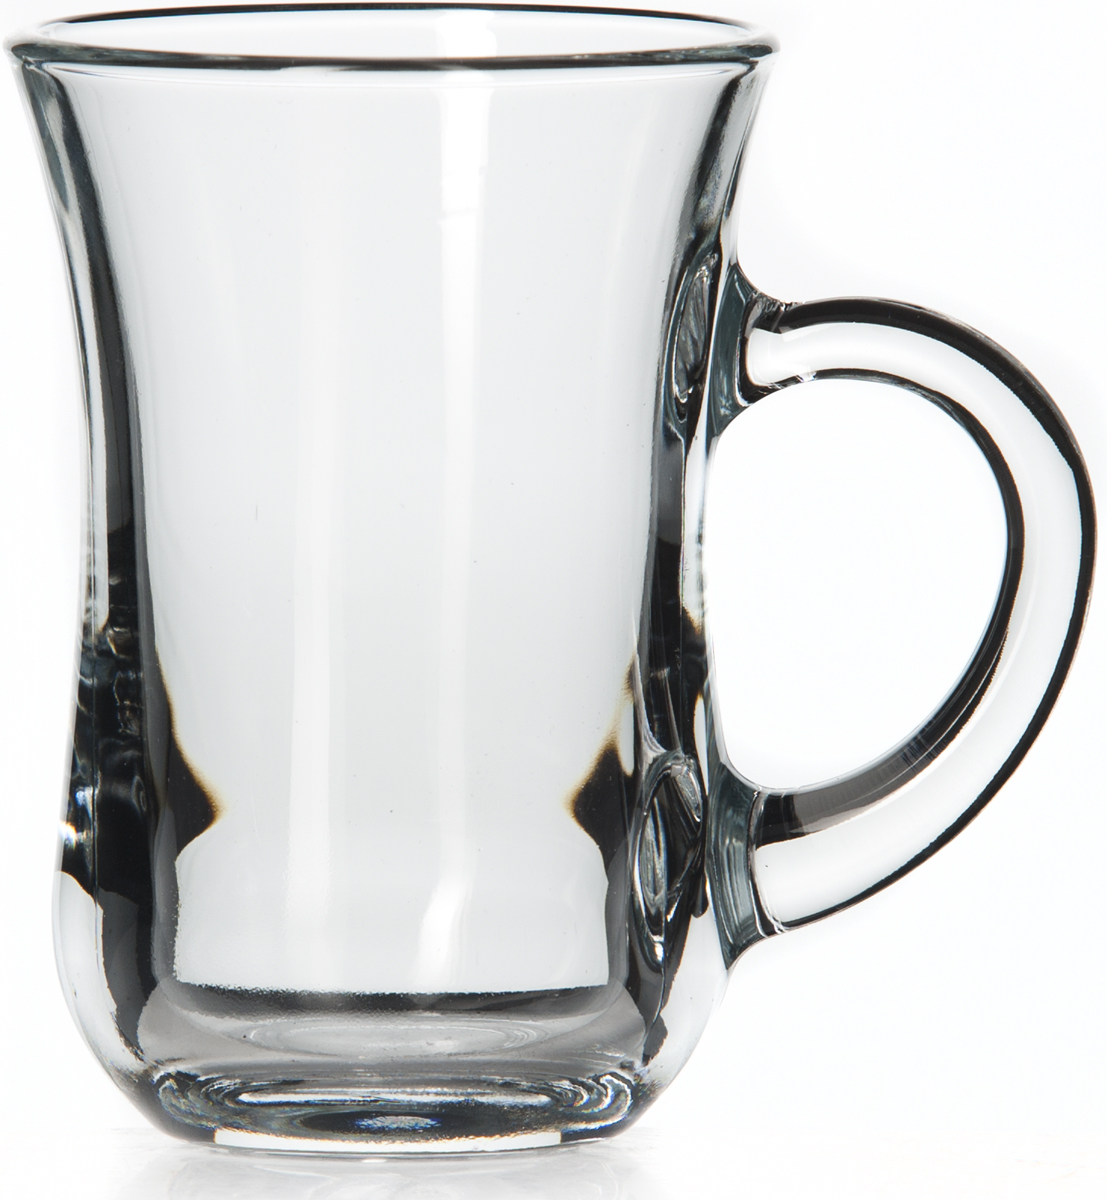 Кружка Pasabahce Чай и кофе, 140 мл фужер для шампанского pasabahce enjoy orange 175 мл